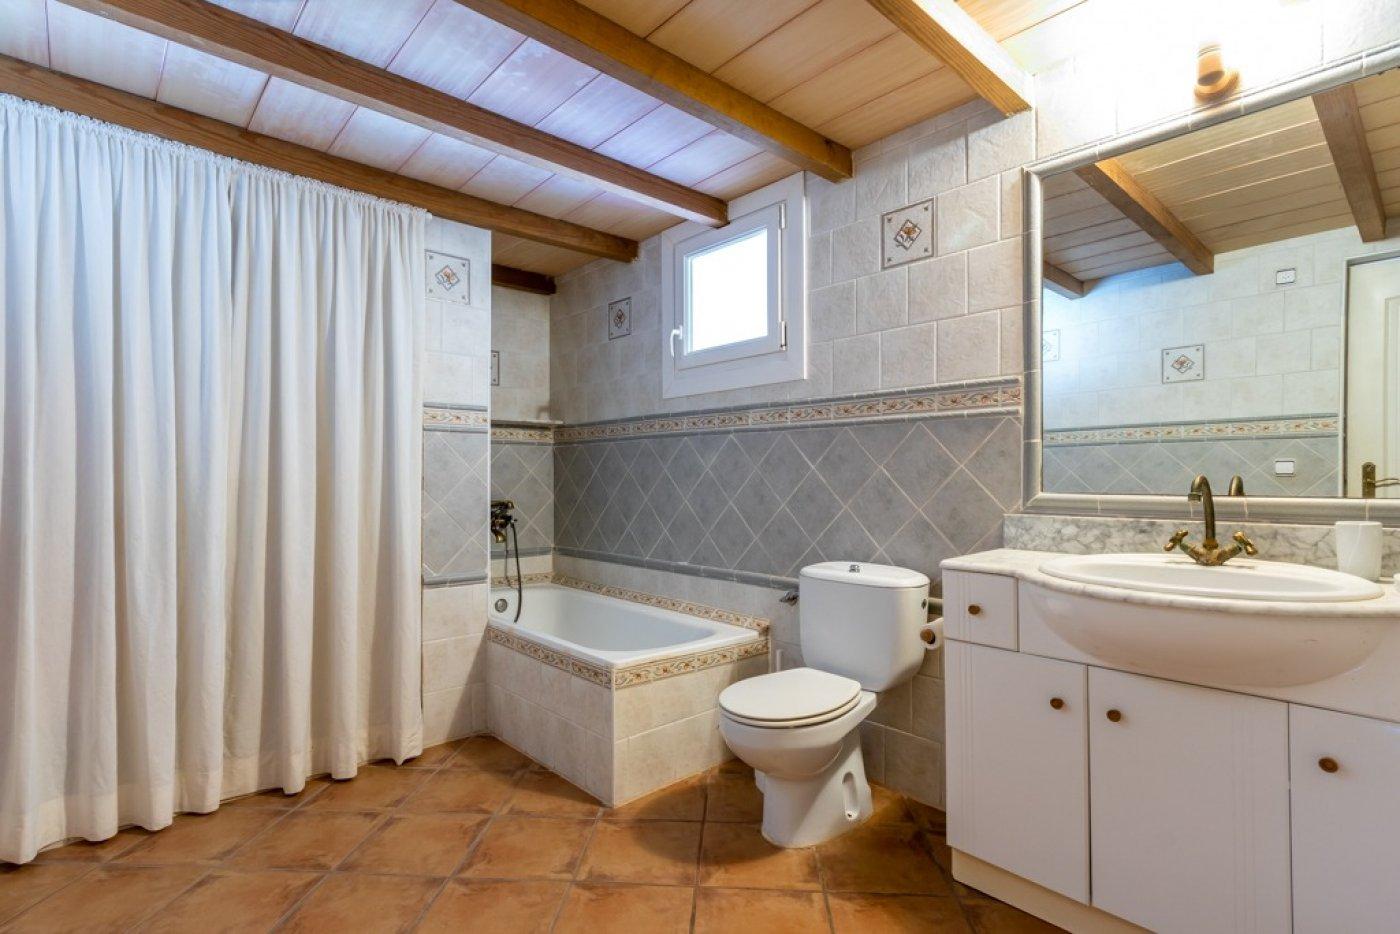 Magnifica villa en ses salines - can somni - ideal inversores turÍsticos - imagenInmueble14